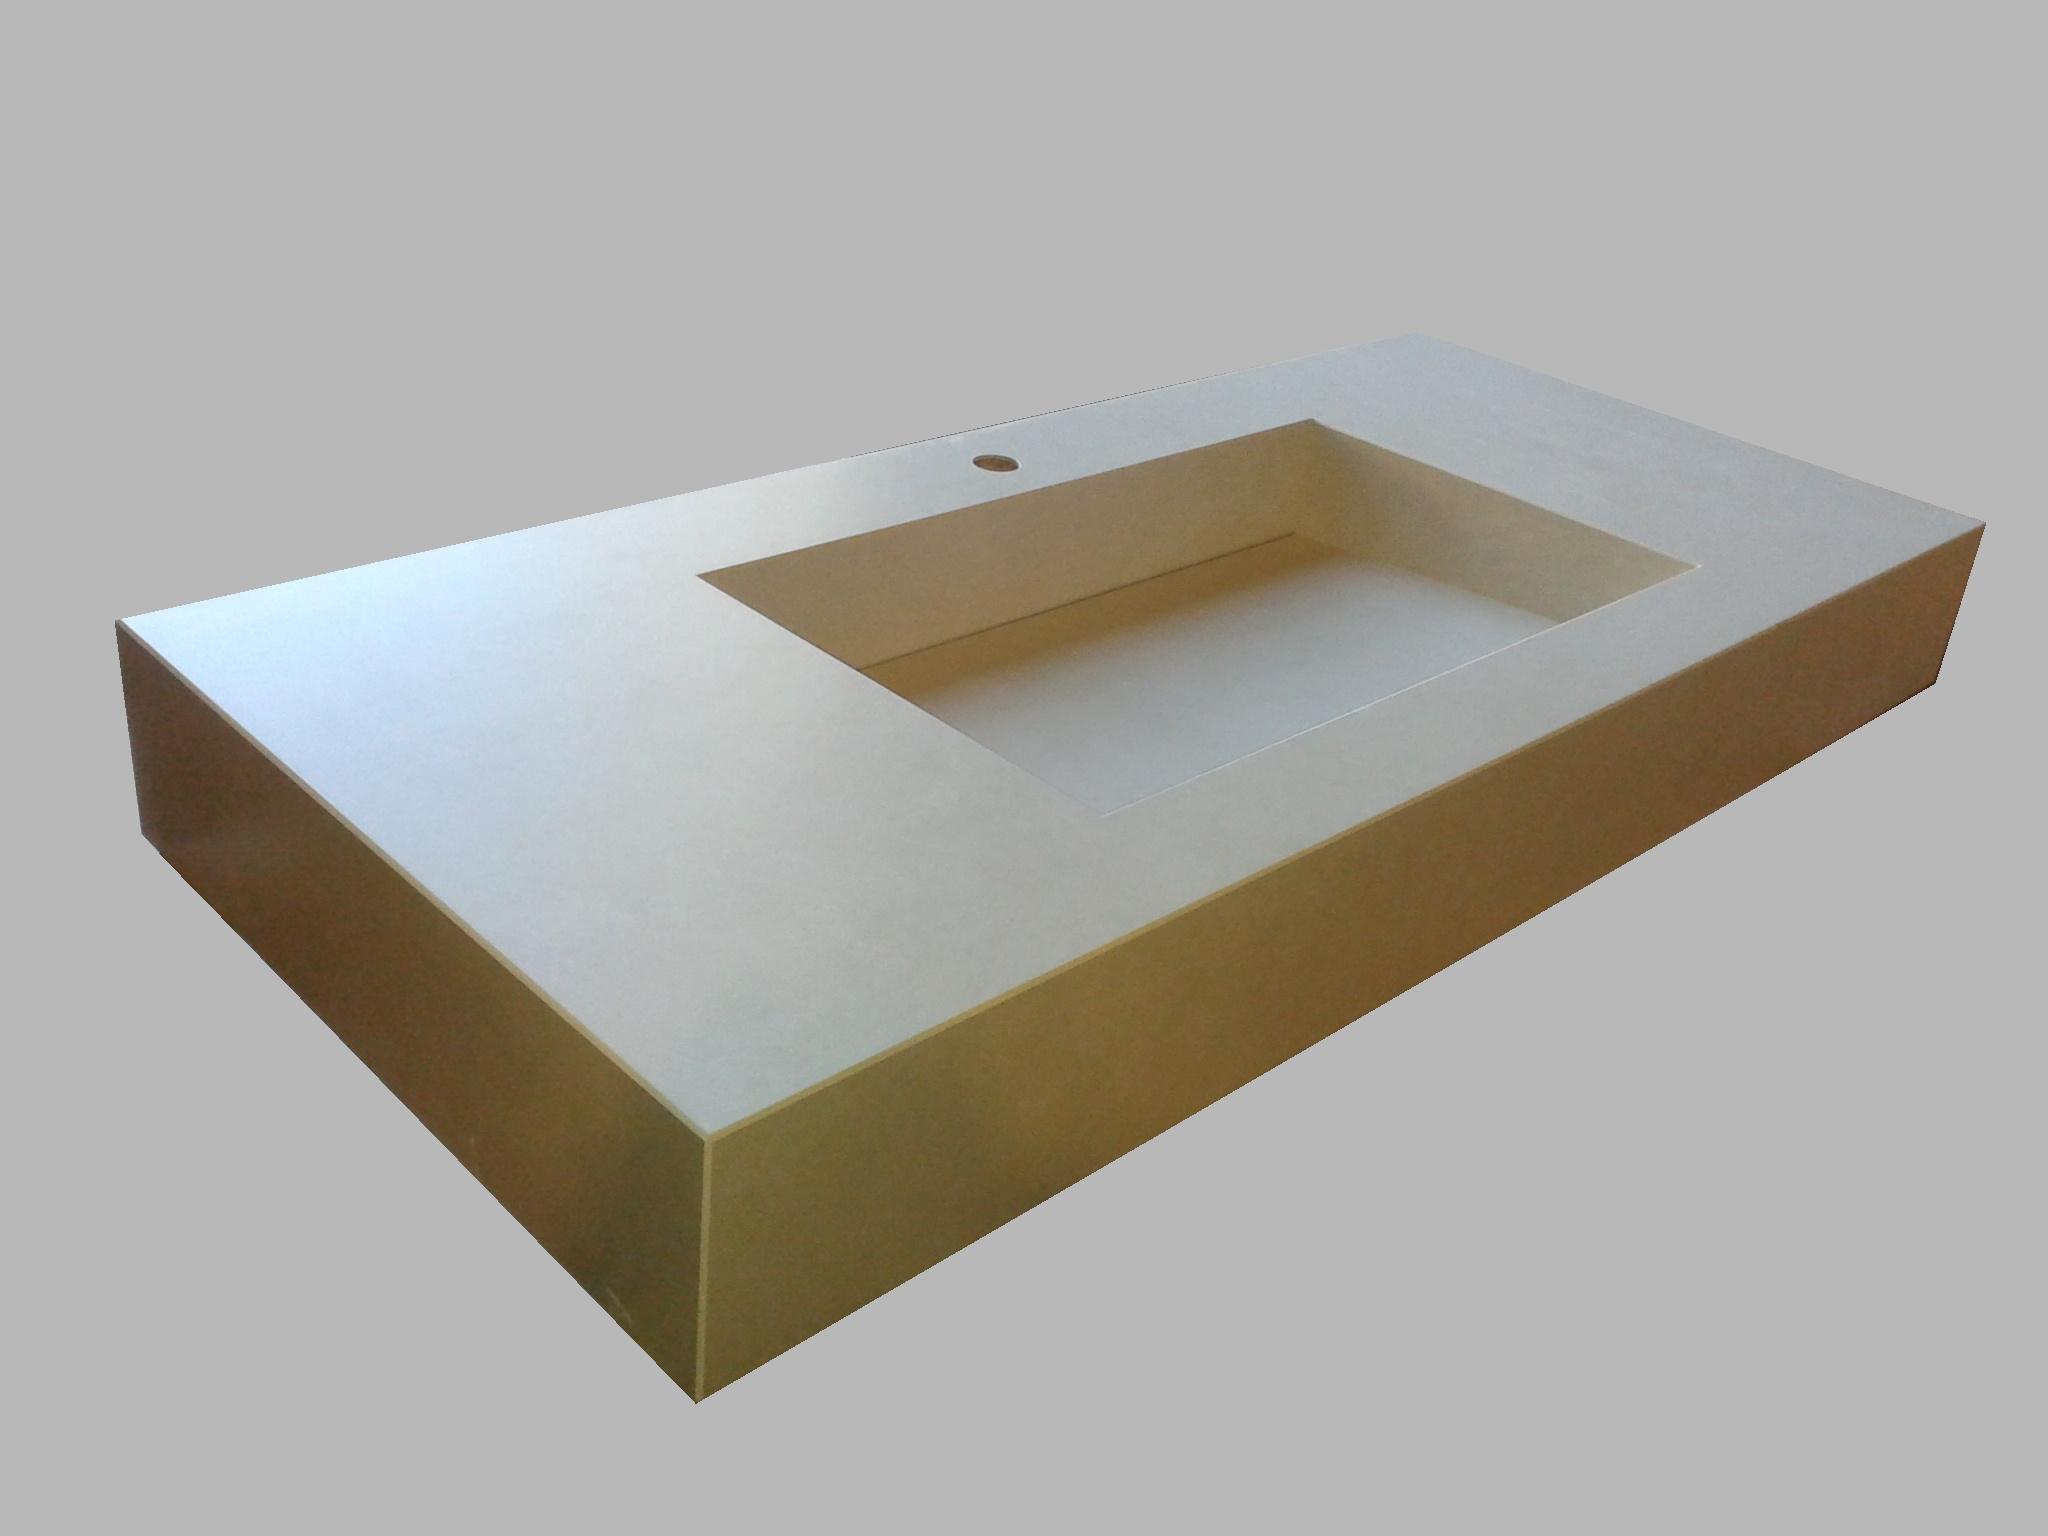 Piani e lavabi in Slimtech a disegno  Giorgio Ilari